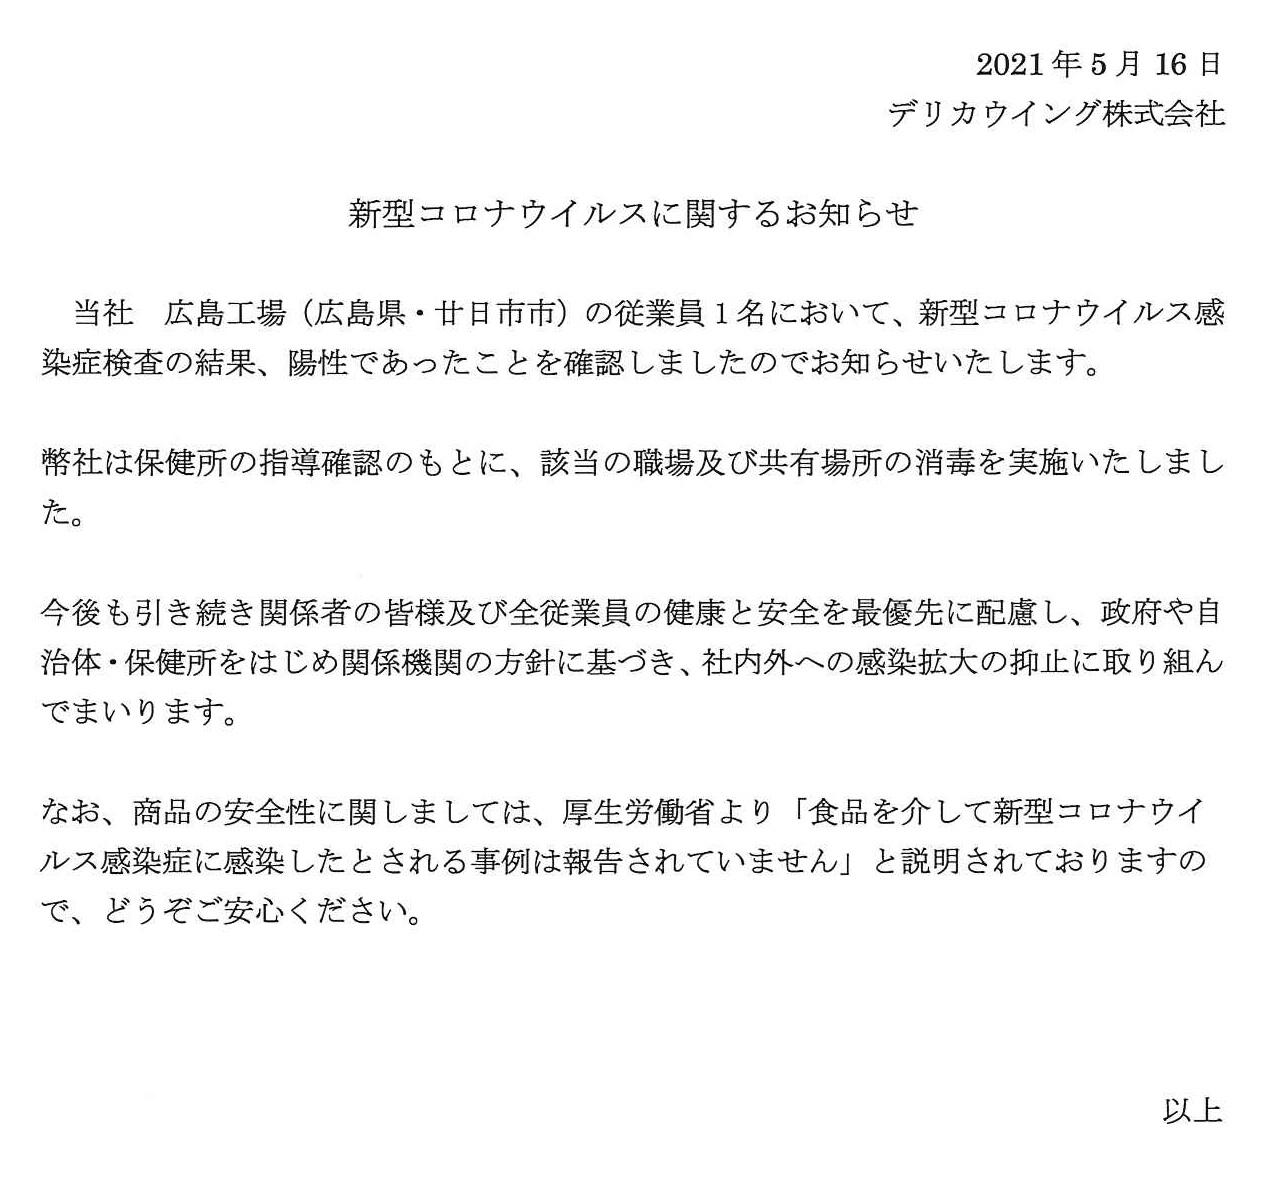 20210516広島工場(太字)